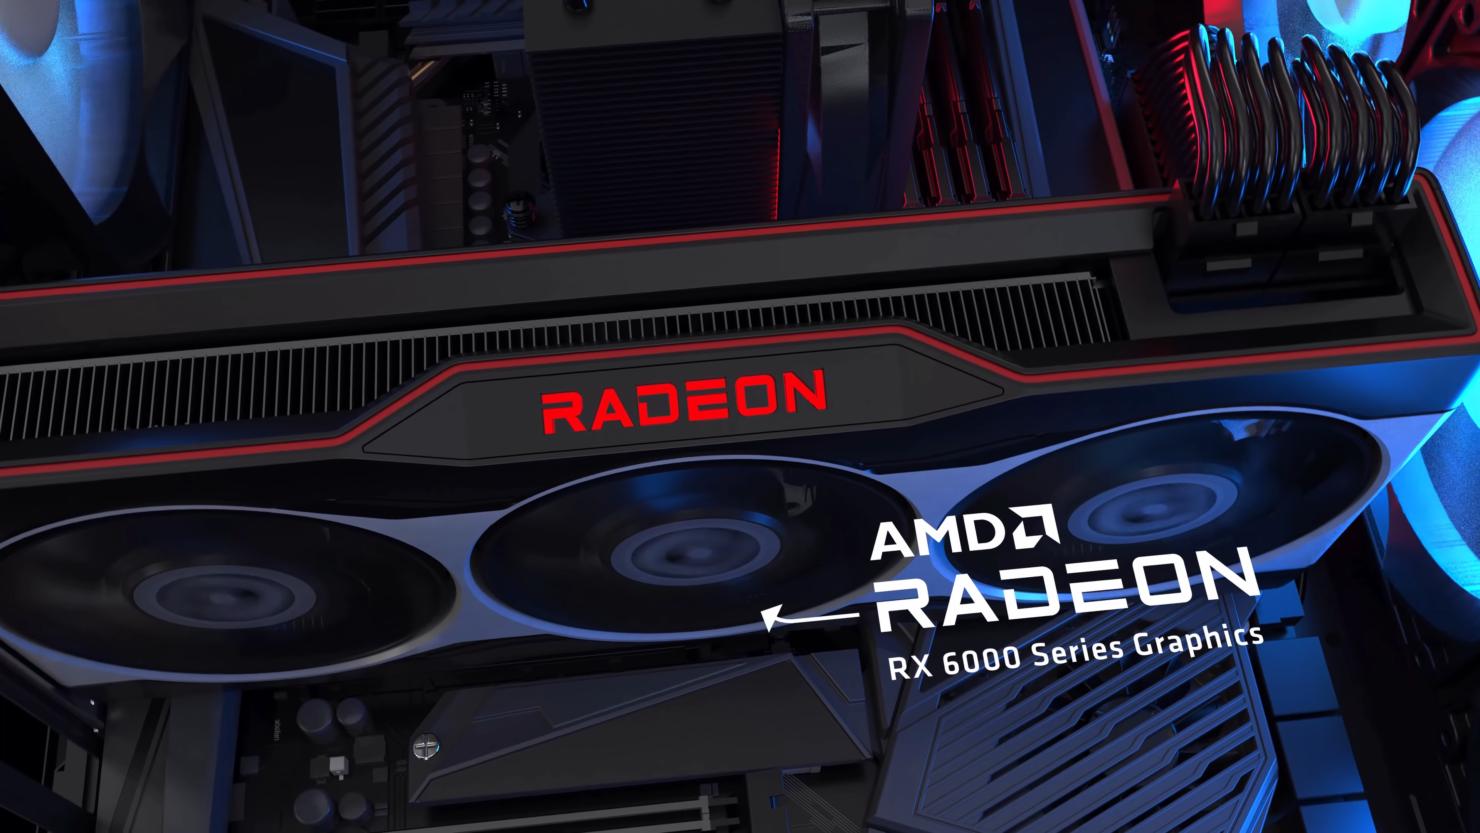 Видеокарты PowerColor Radeon RX 6700 XT 12 ГБ и RX 6700 6 ГБ представлены в ЕЭК